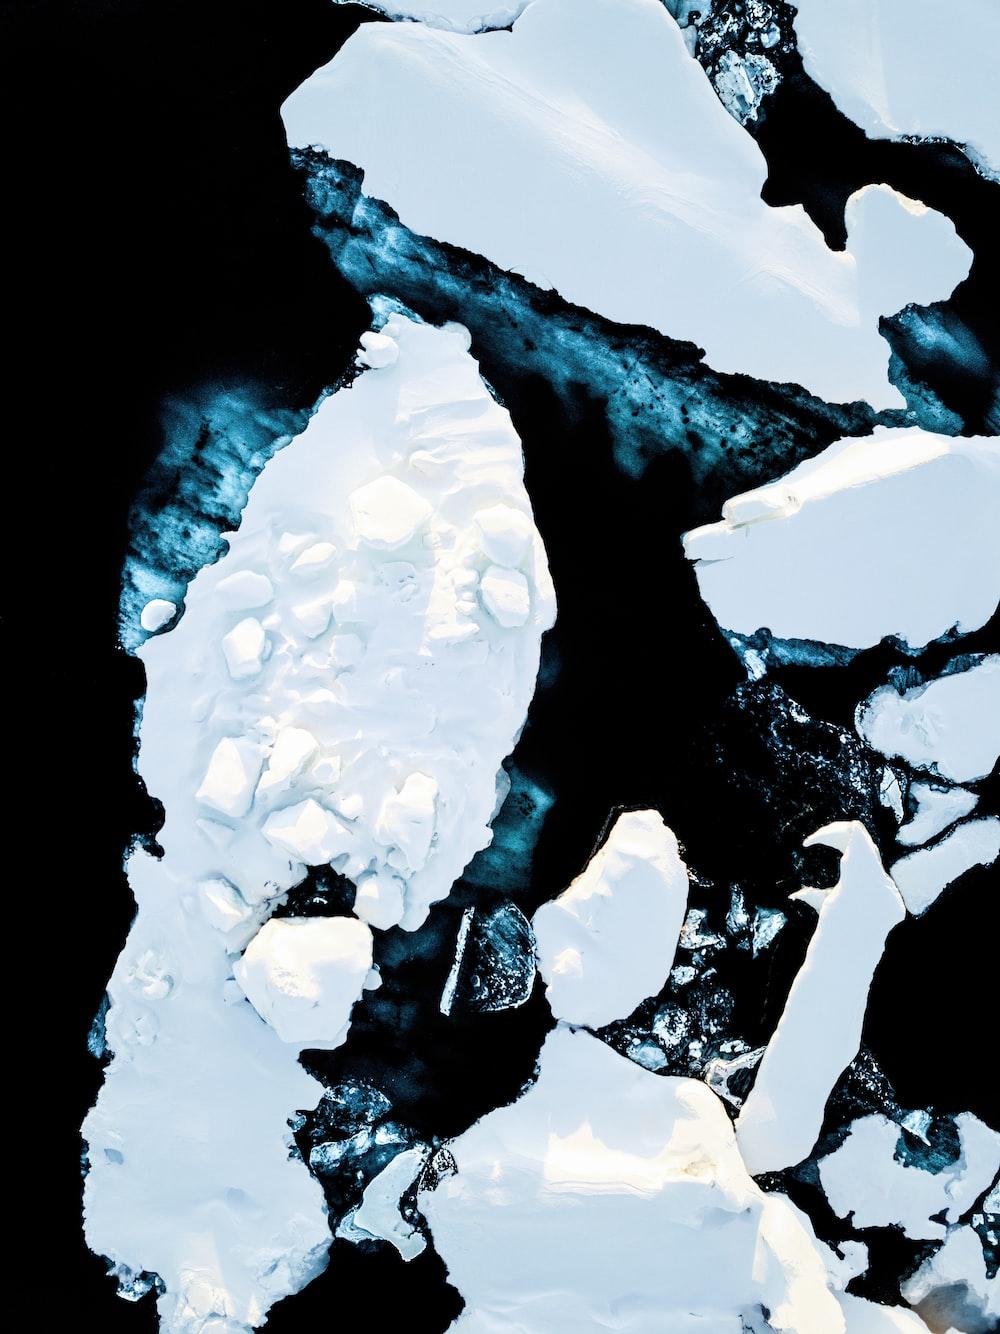 icebergs top view